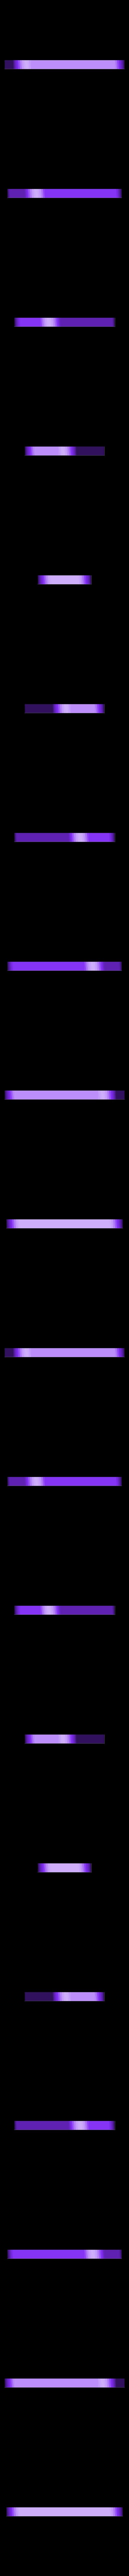 Guy_tensioner.STL Télécharger fichier STL gratuit Tendeur de câble de haubanage • Modèle pour impression 3D, Cerragh